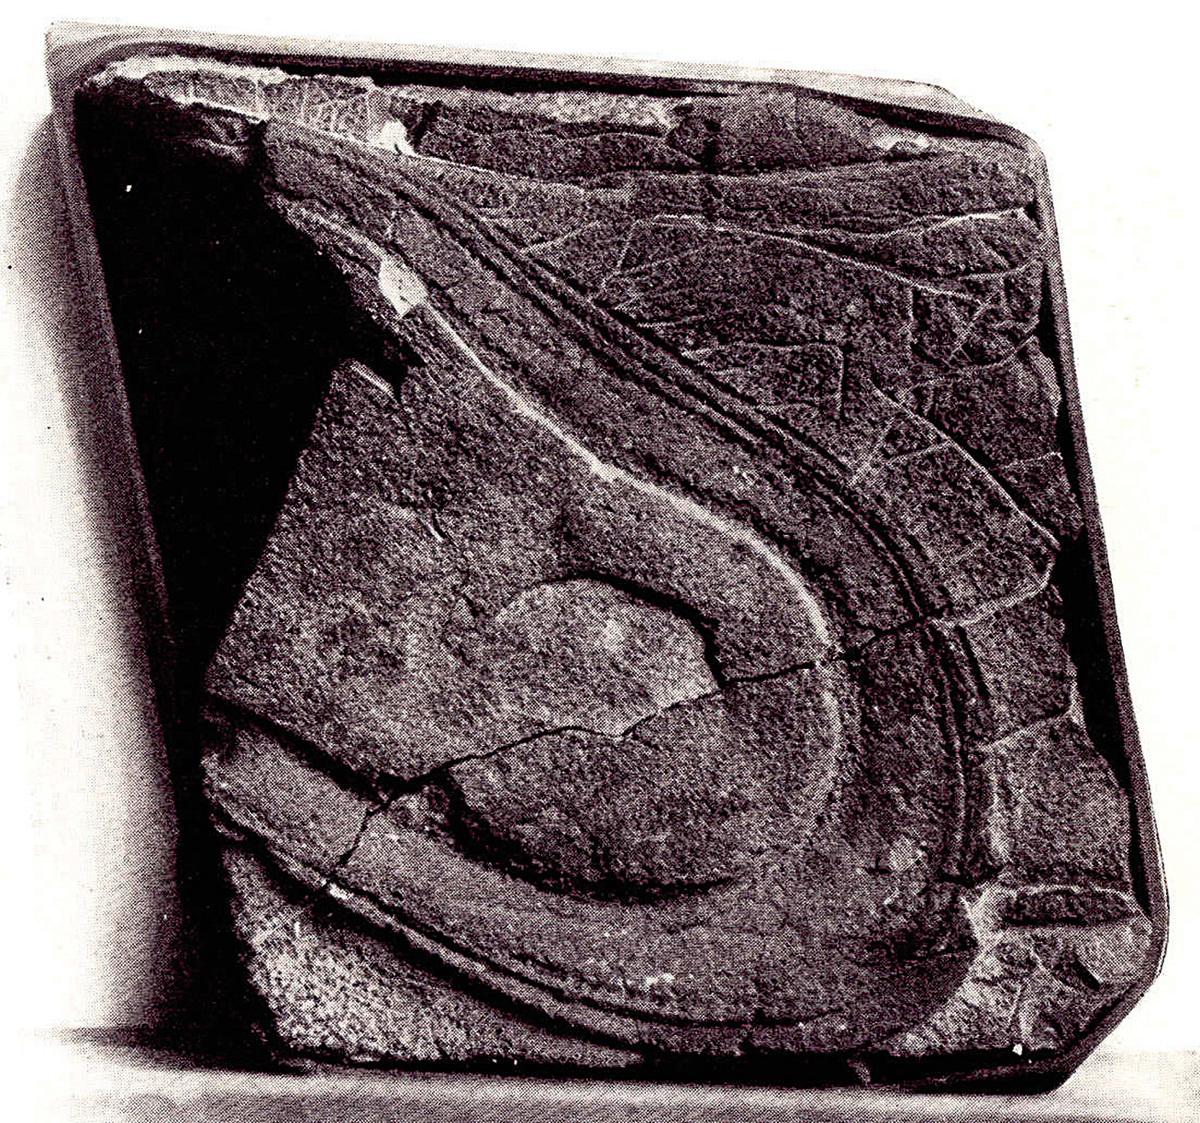 美國內華達州的Fisher峽谷內發現的鞋印化石。(網絡圖片)